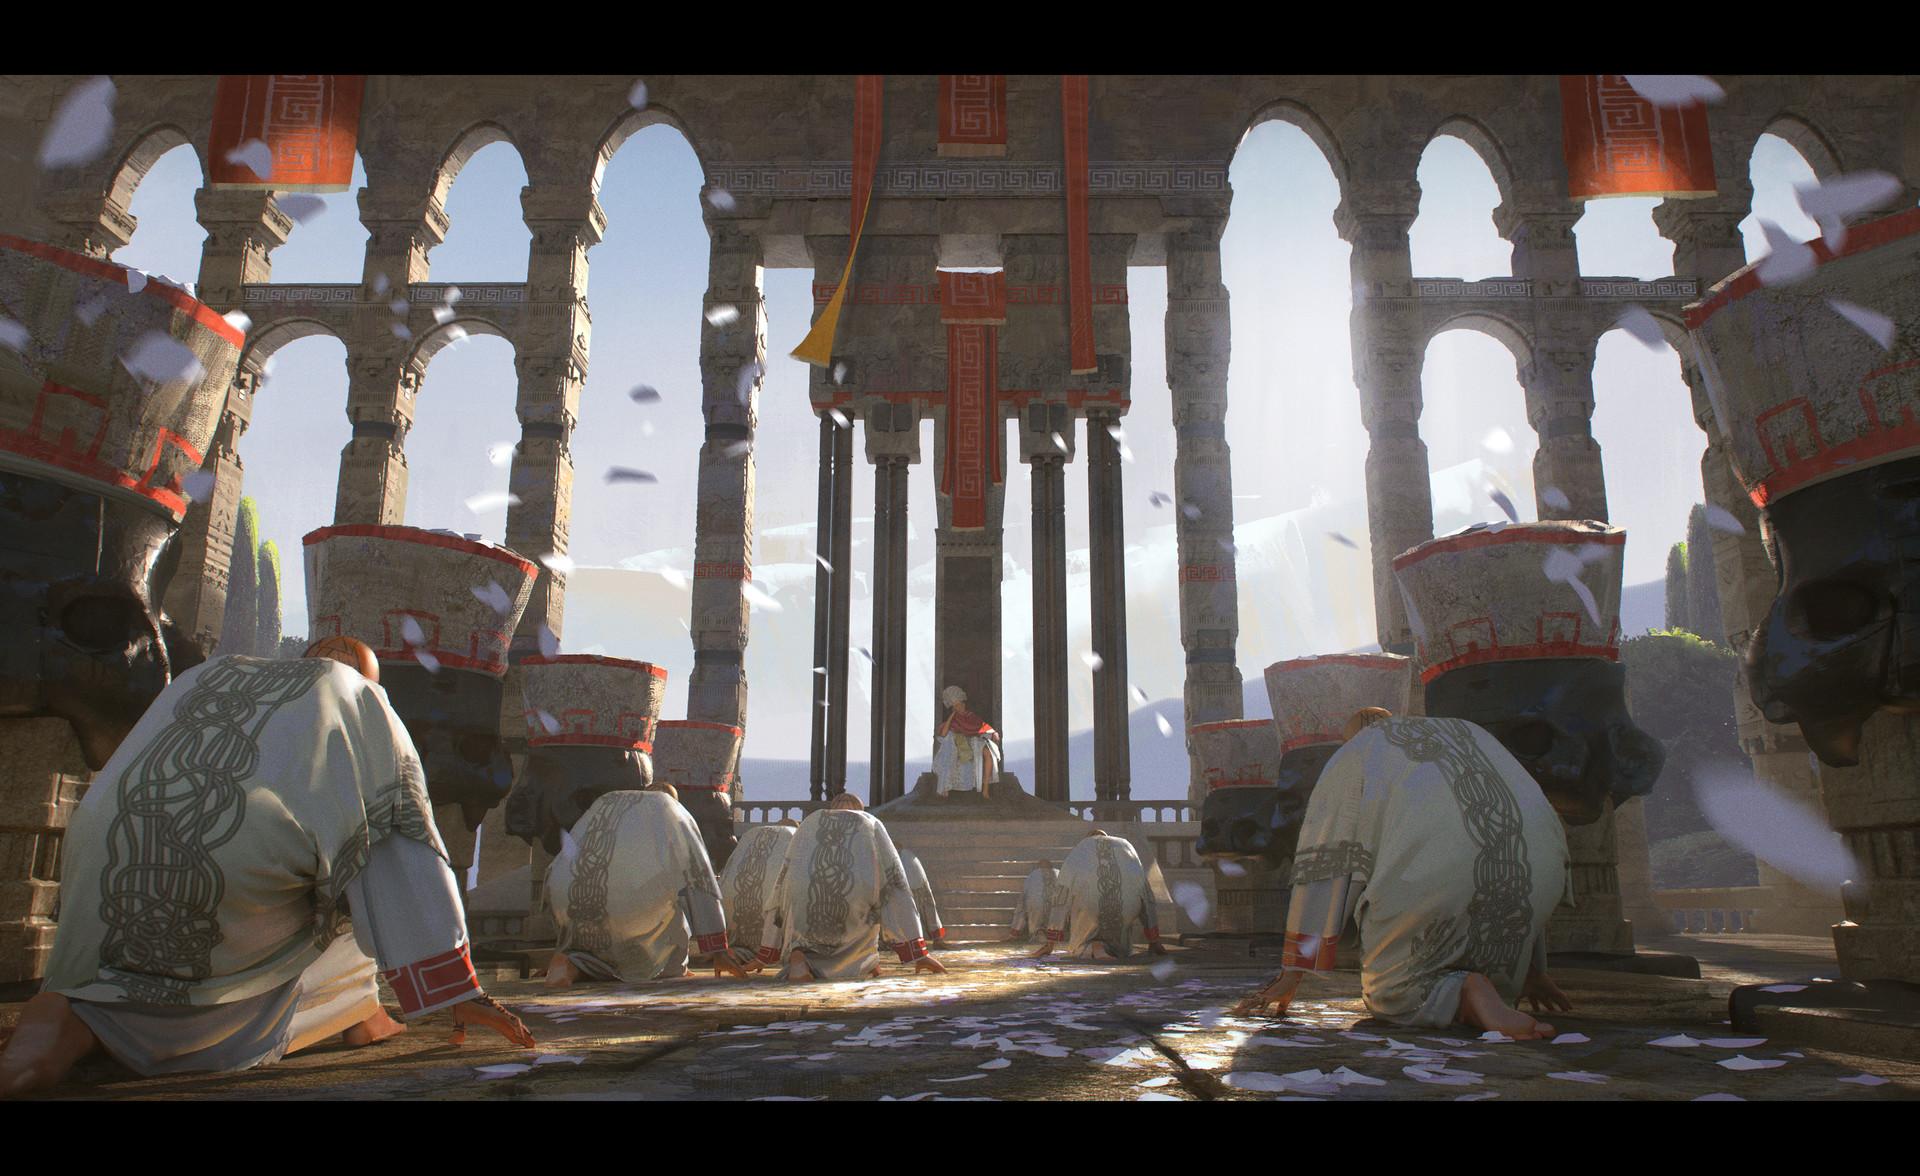 Jx saber ancient civilization as